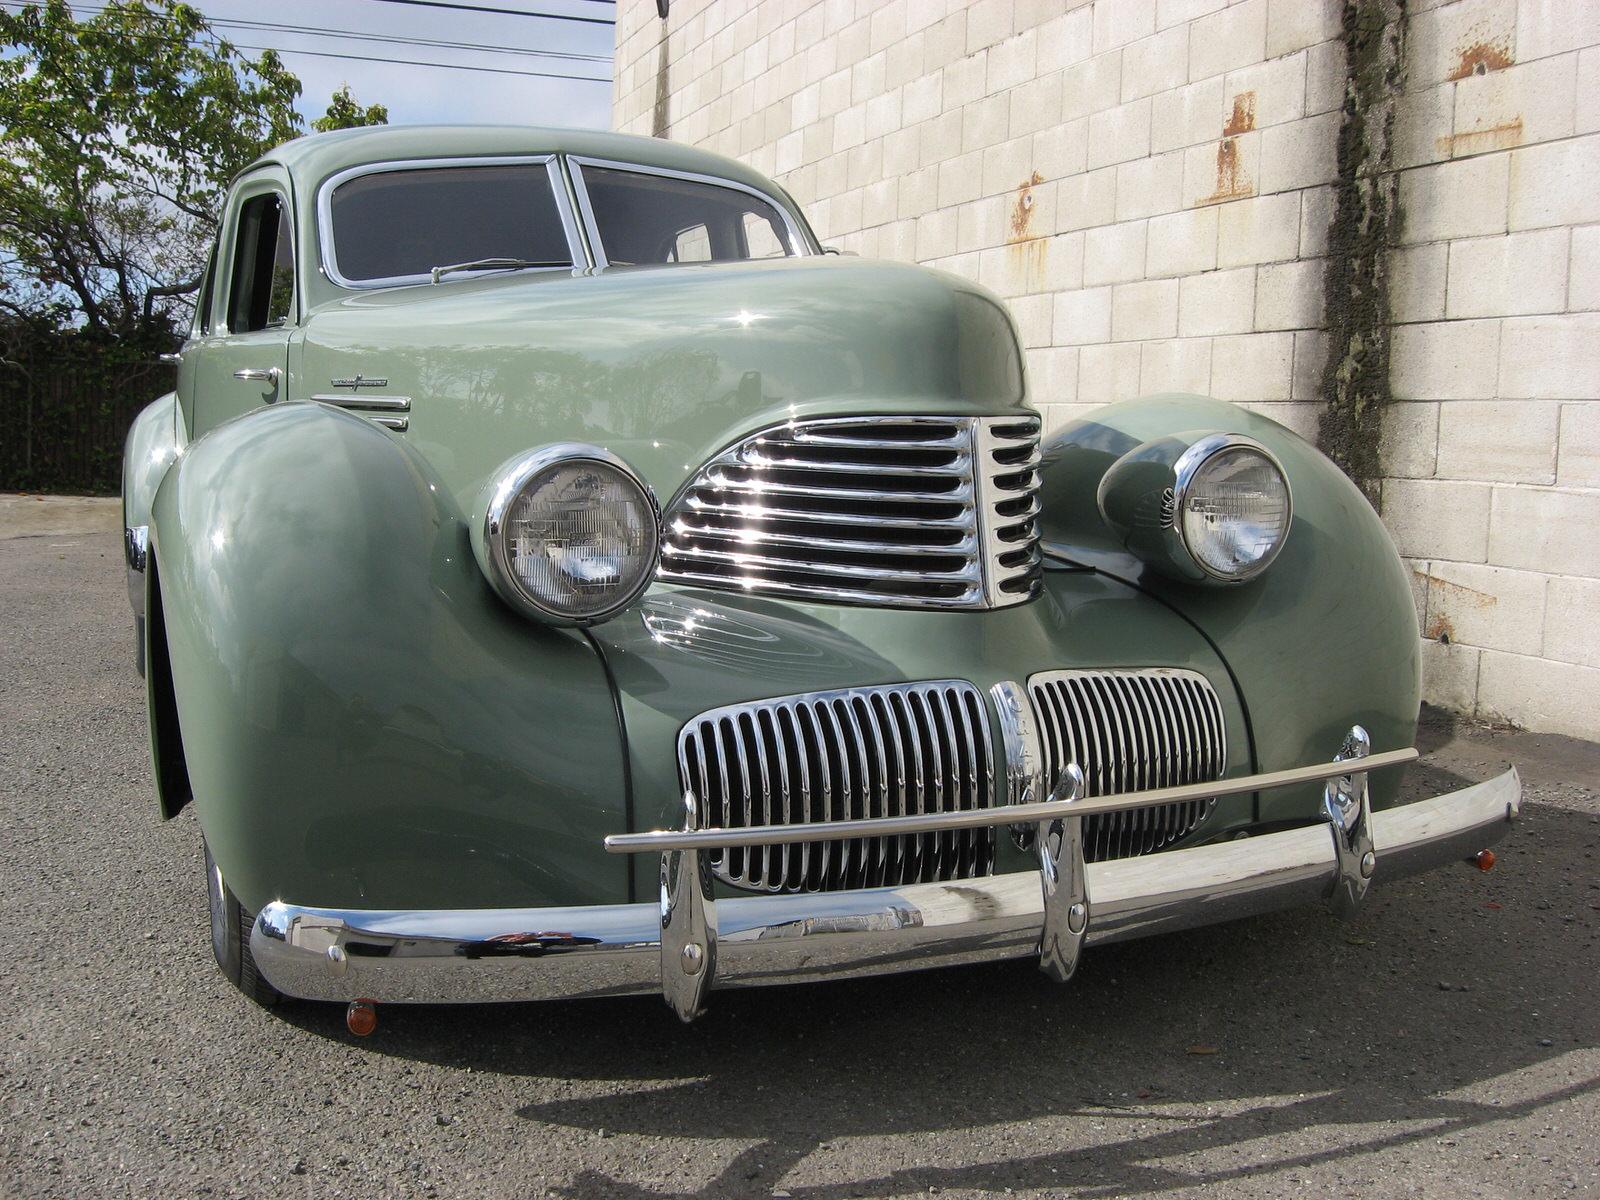 Phil Linhares 1941 Graham Hollywood - South City Rod & Custom